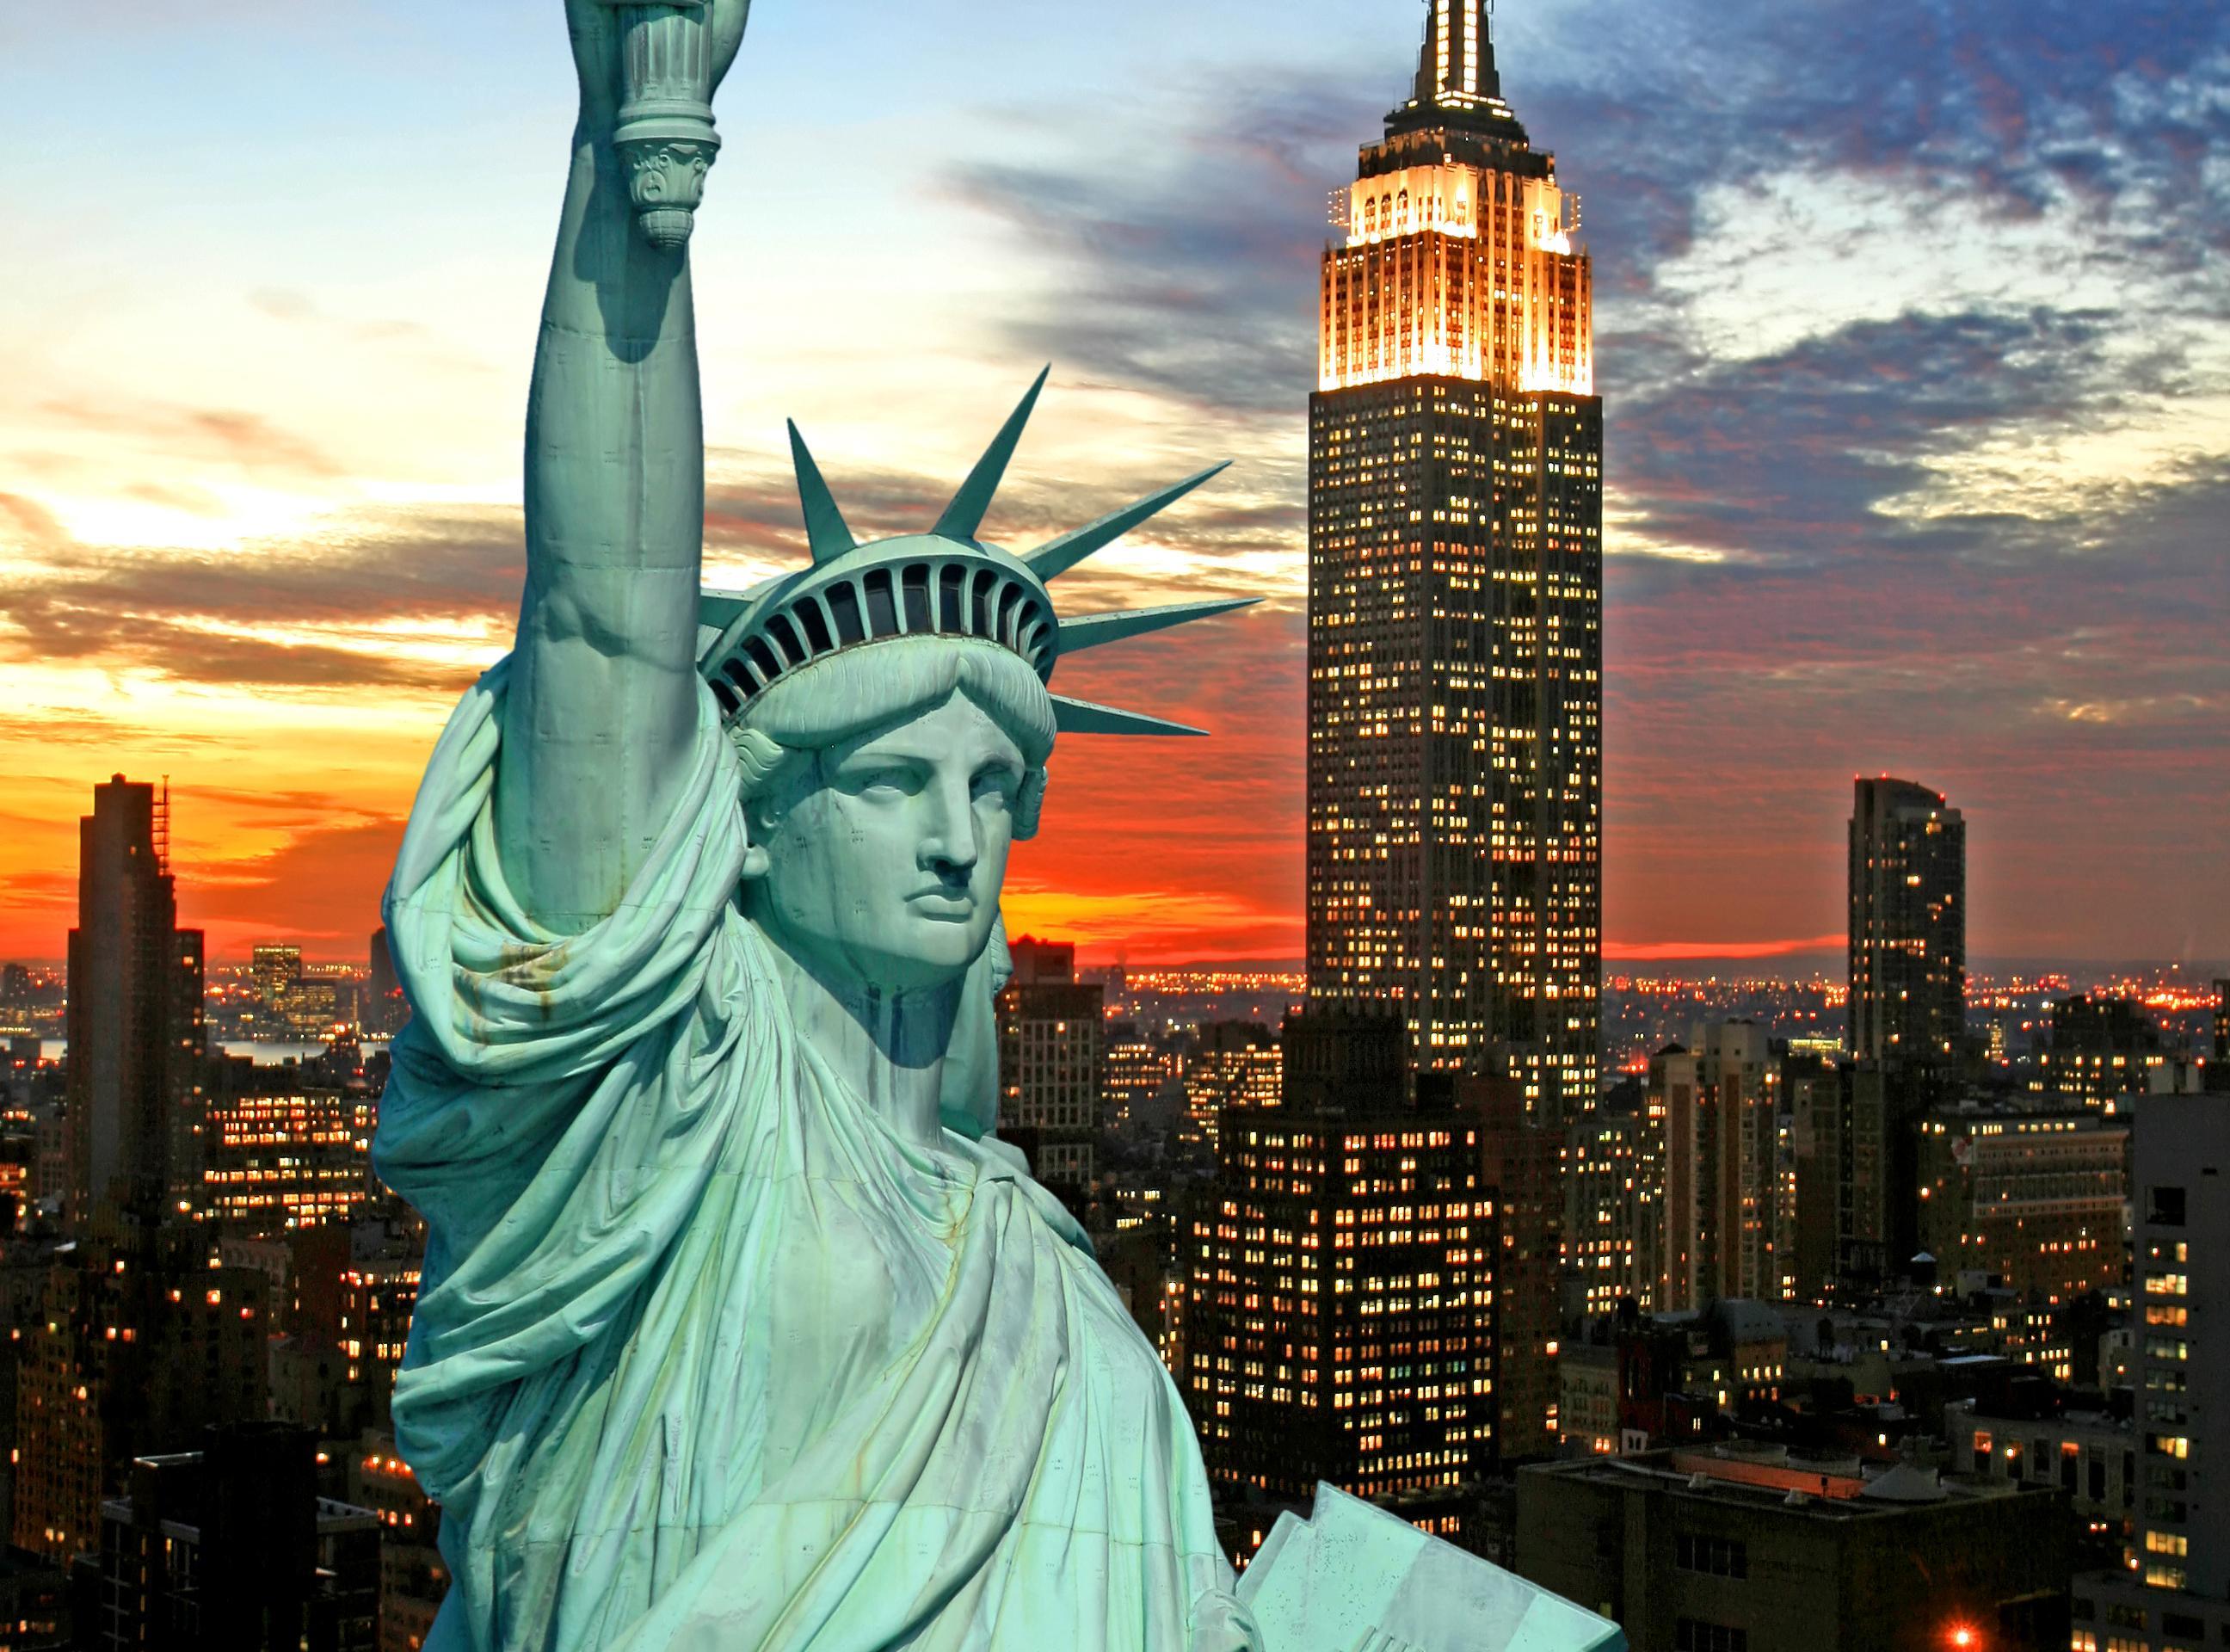 Ver la ciudad,City tours,Visitas en barco o acuáticas,Cruises, sailing & water tours,Estatua de la Libertad y crucero a Ellis Island,Statue of Liberty and Ellis Island Cruises,Con visita al Empire State,Empire State,Empire State